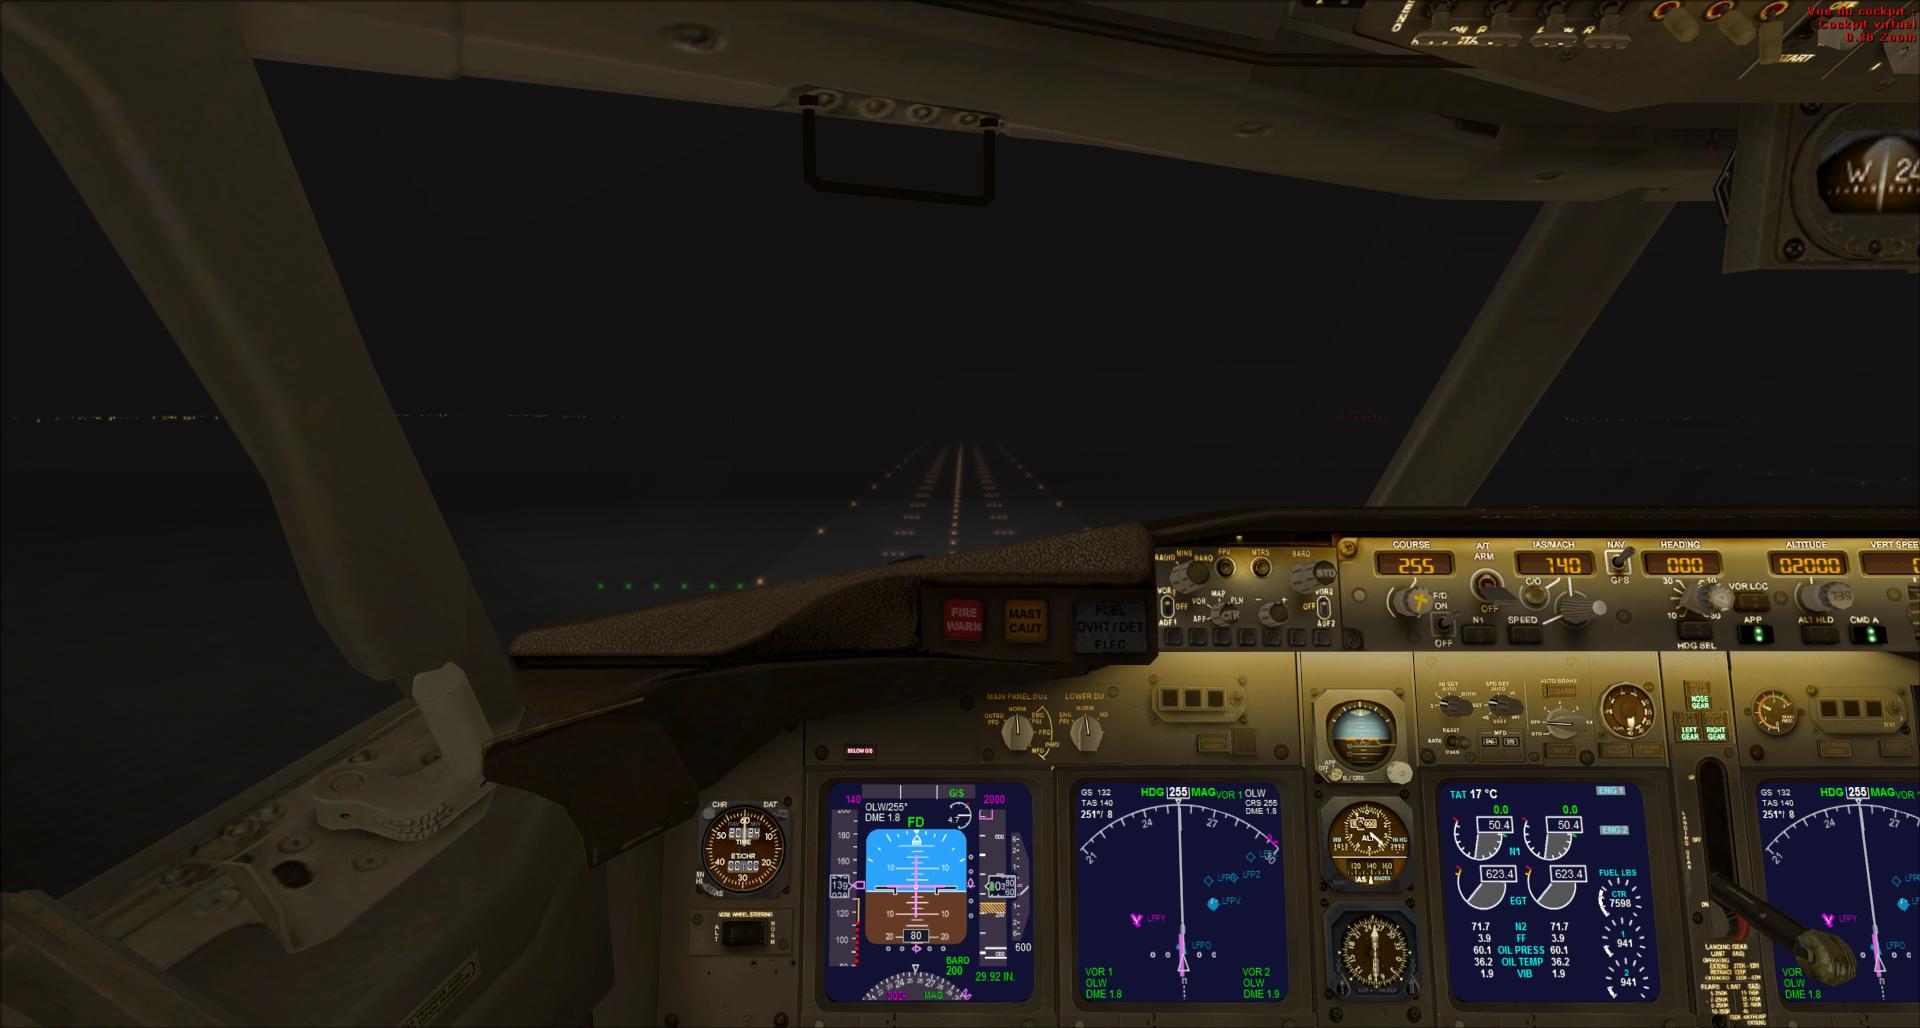 Rapport de vol: Atterrissage aux instruments 38442020141031211912455